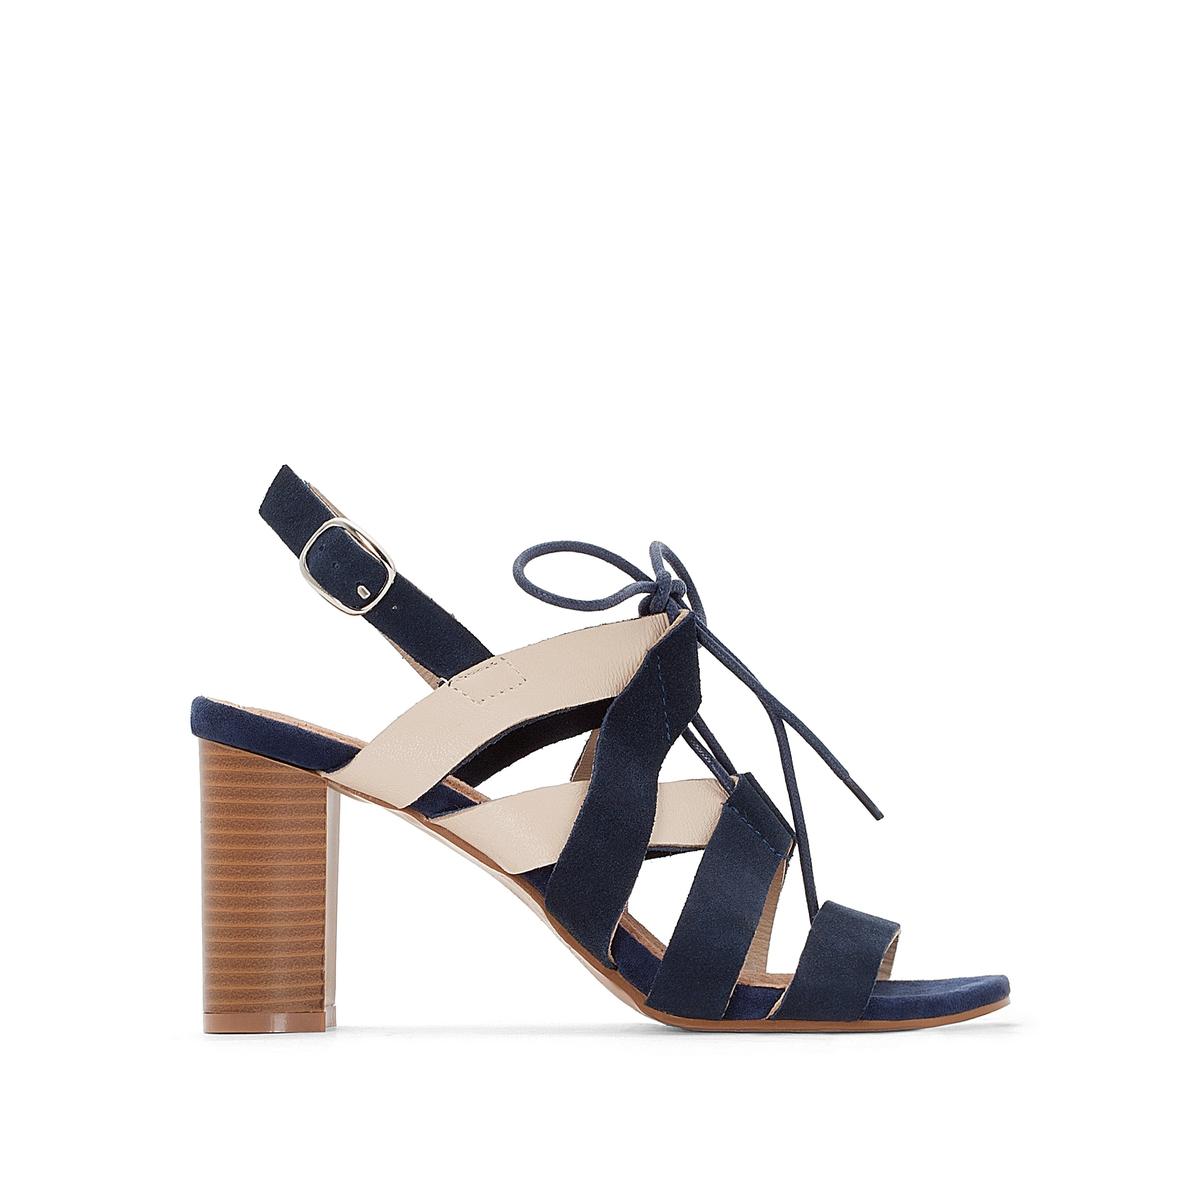 Босоножки кожаные двухцветные на высоком каблуке цены онлайн